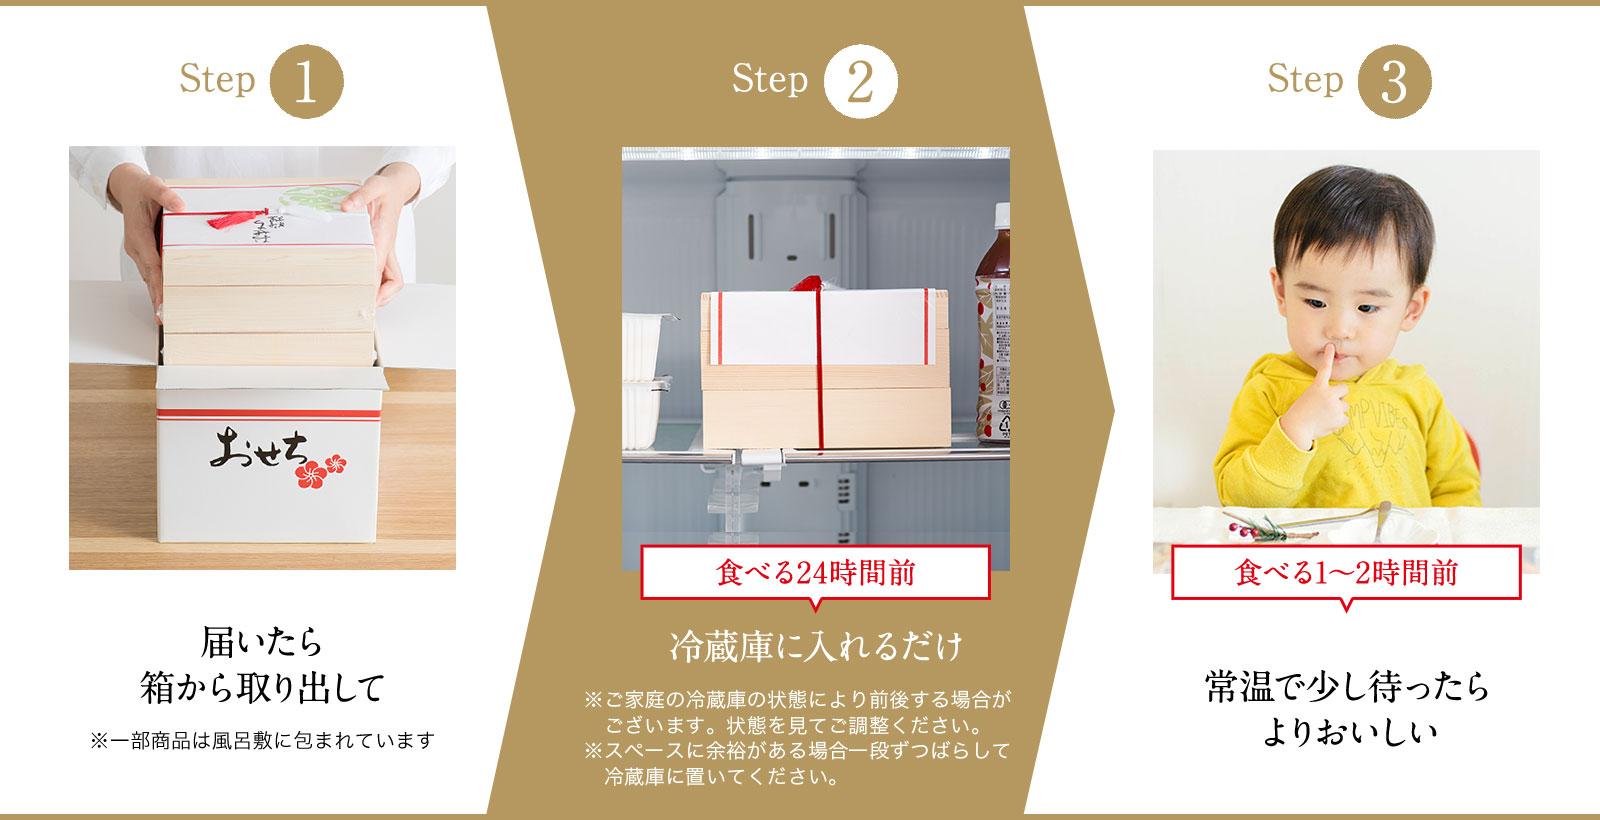 届いたら箱から取り出して、冷蔵庫に入れるだけ。常温で少し待ったらよりおいしい。